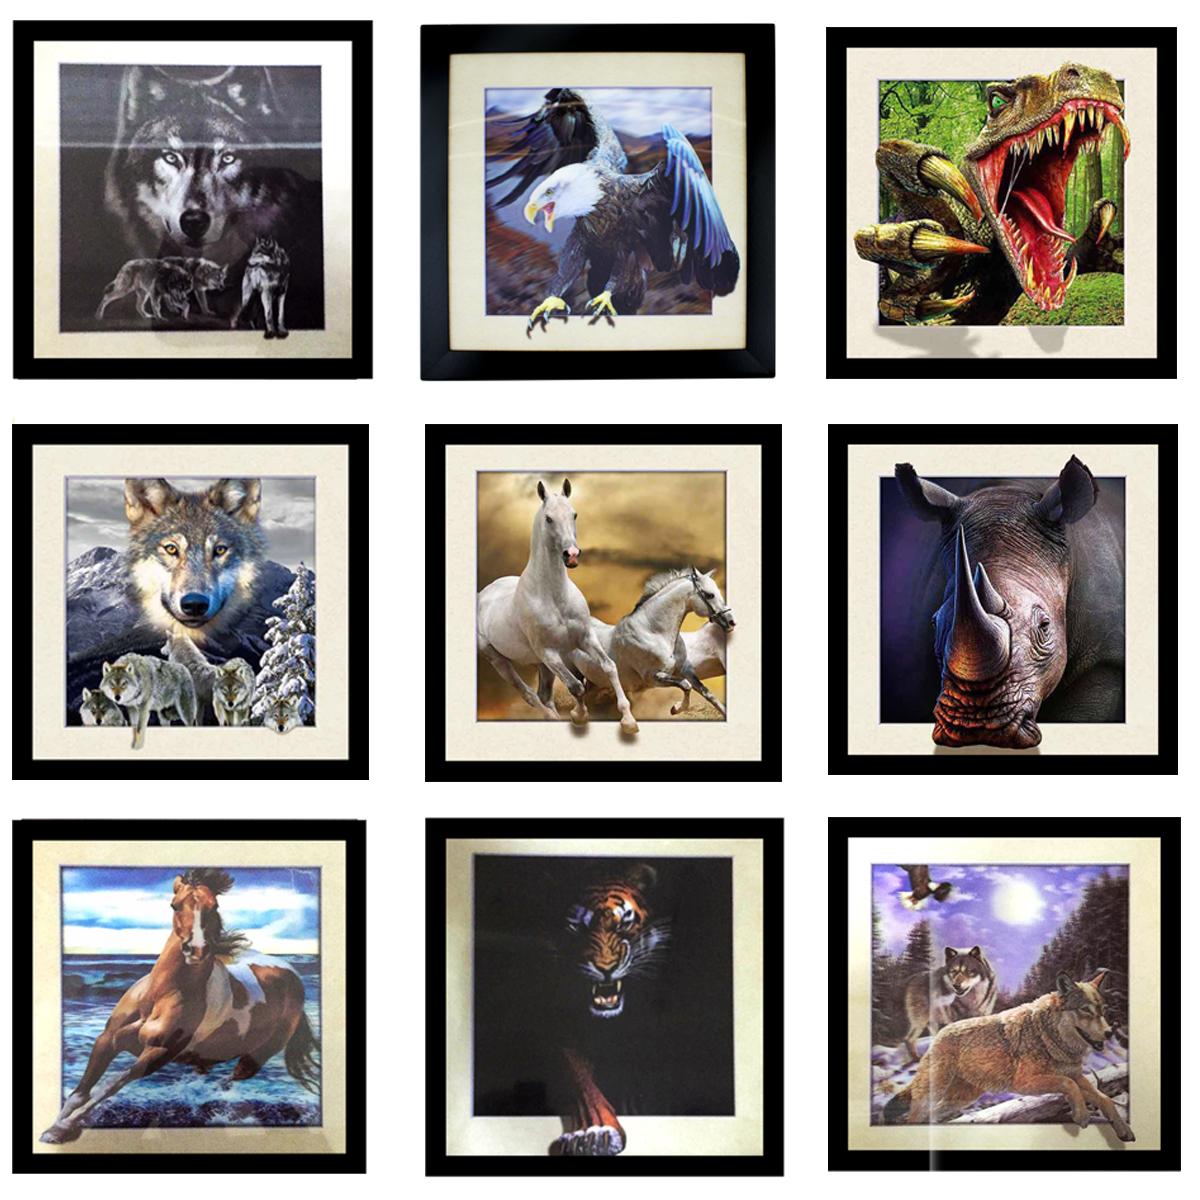 Sonia originelli 5d bilder tiere wanddekoration fotos for Wanddekoration bilder